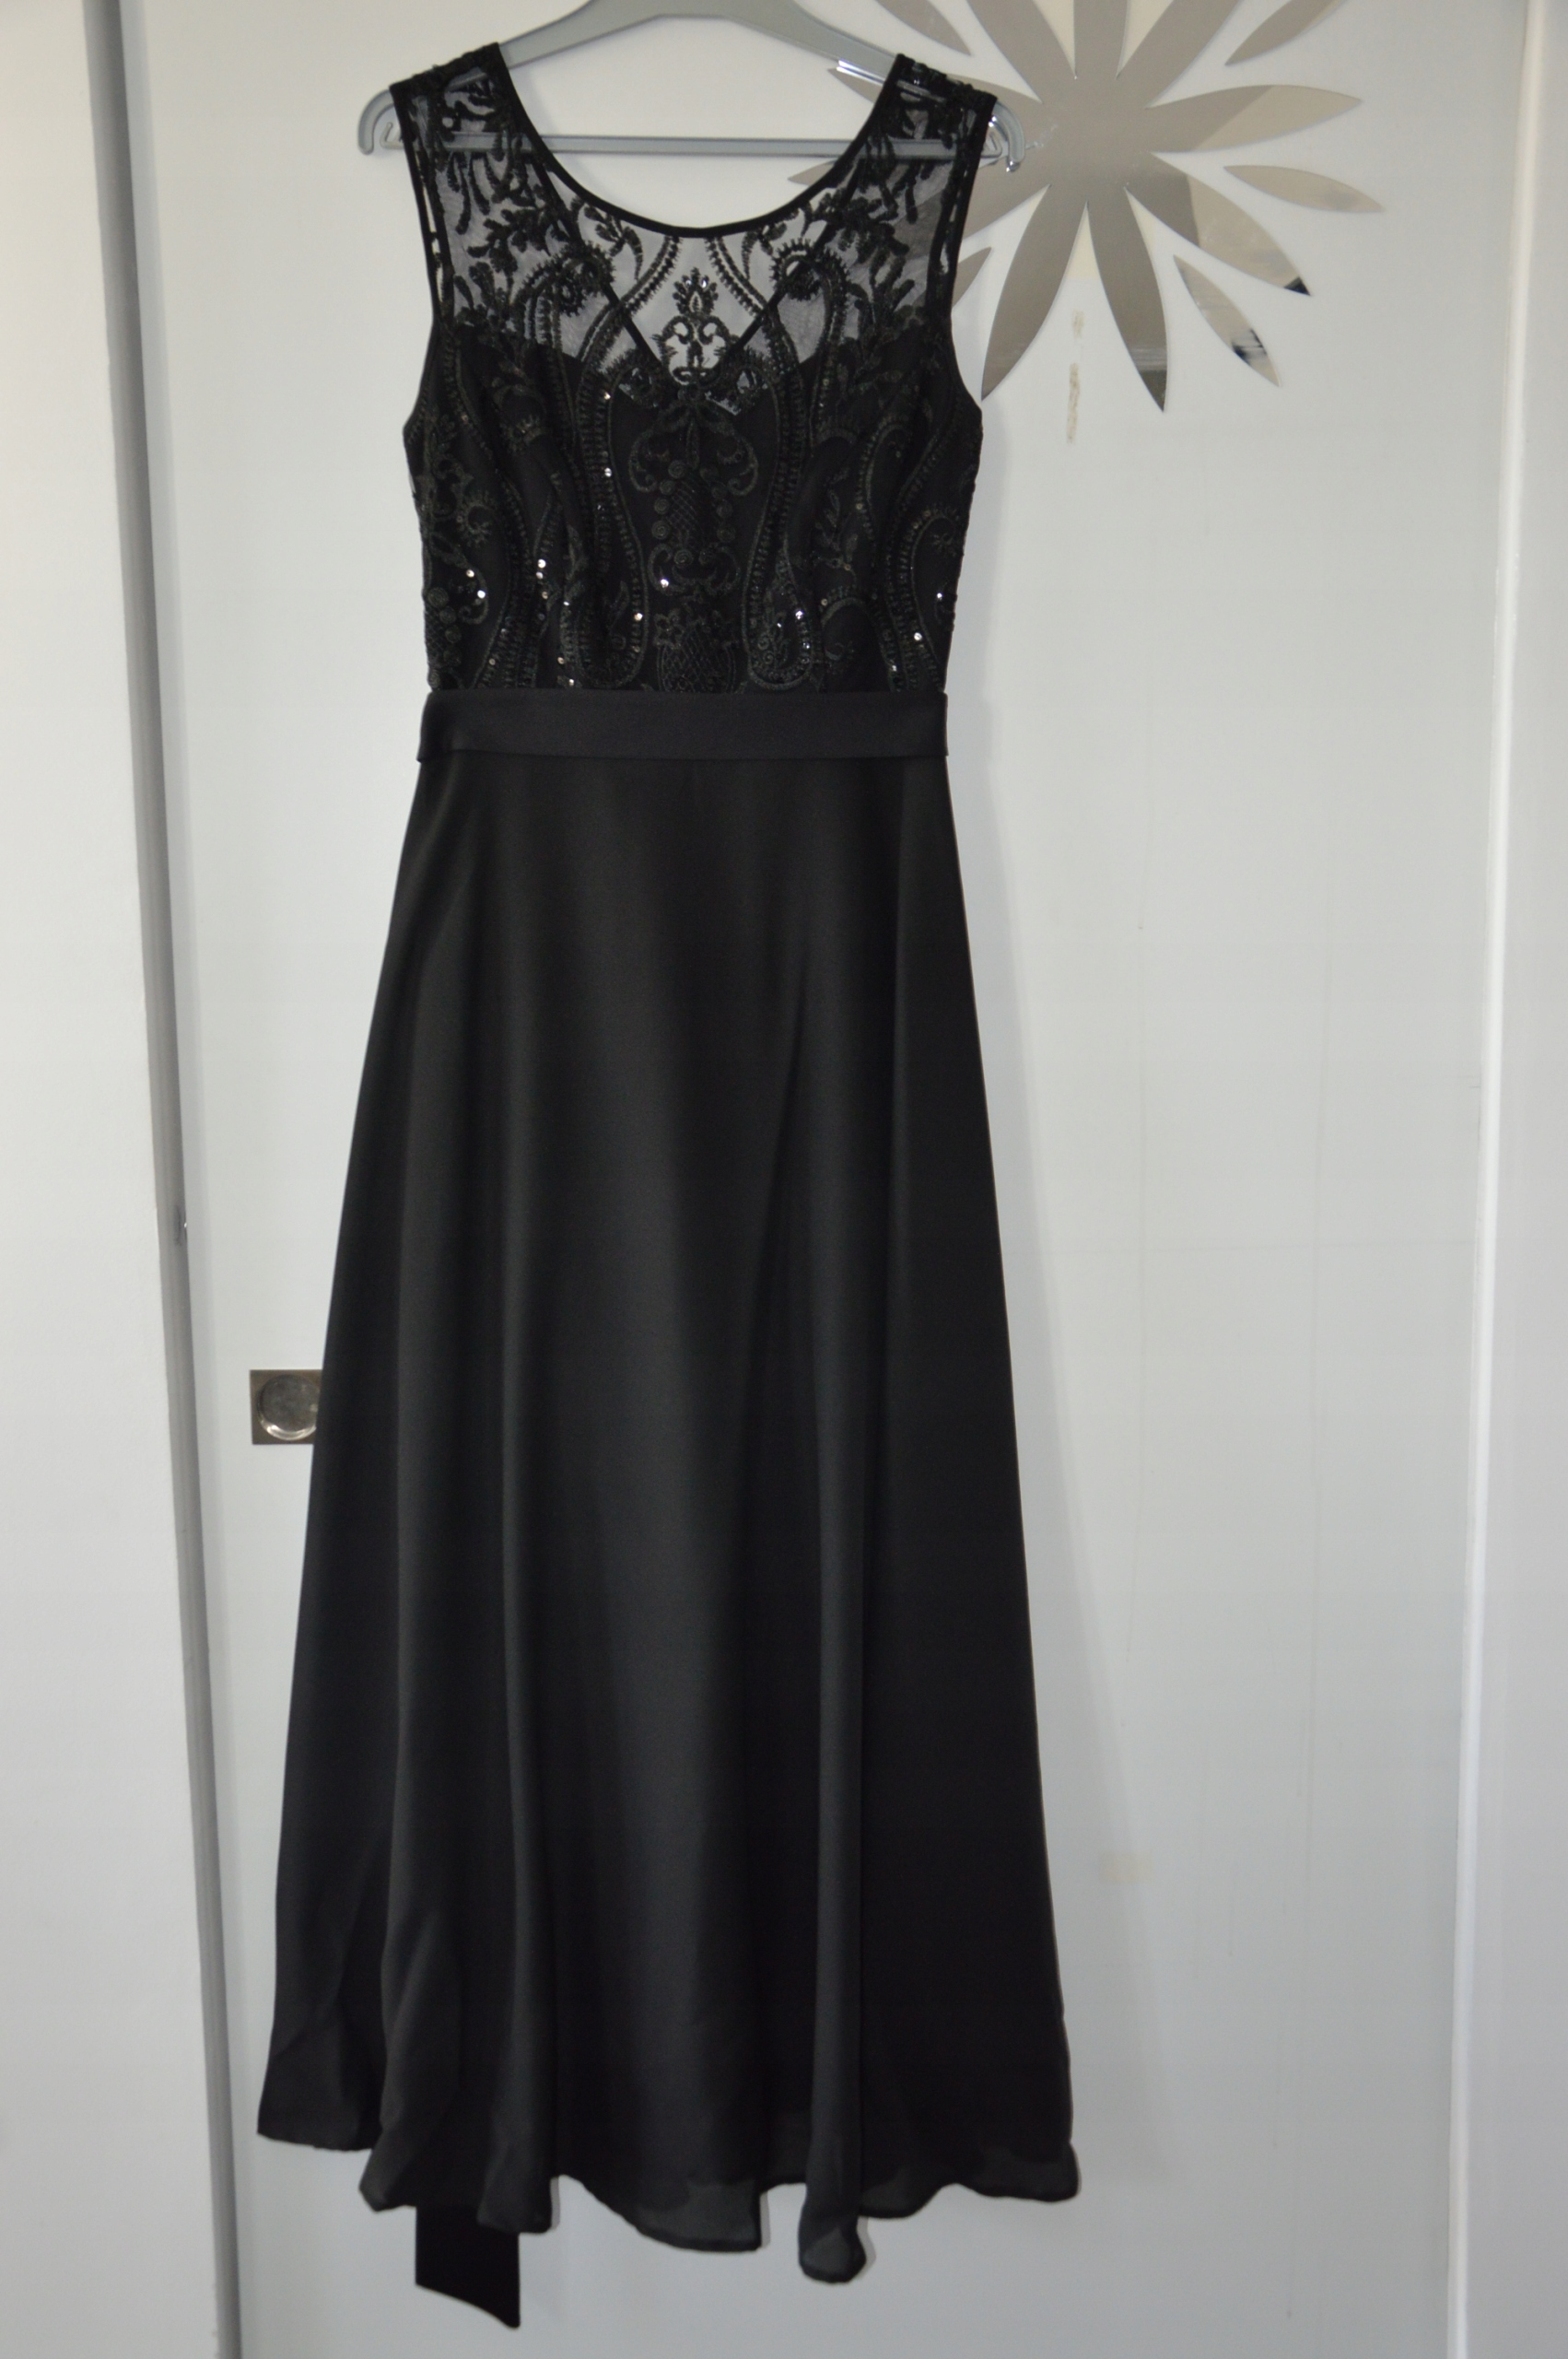 86b1213e88 Długa sukienka M studniówka wesele - 7647378163 - oficjalne archiwum allegro